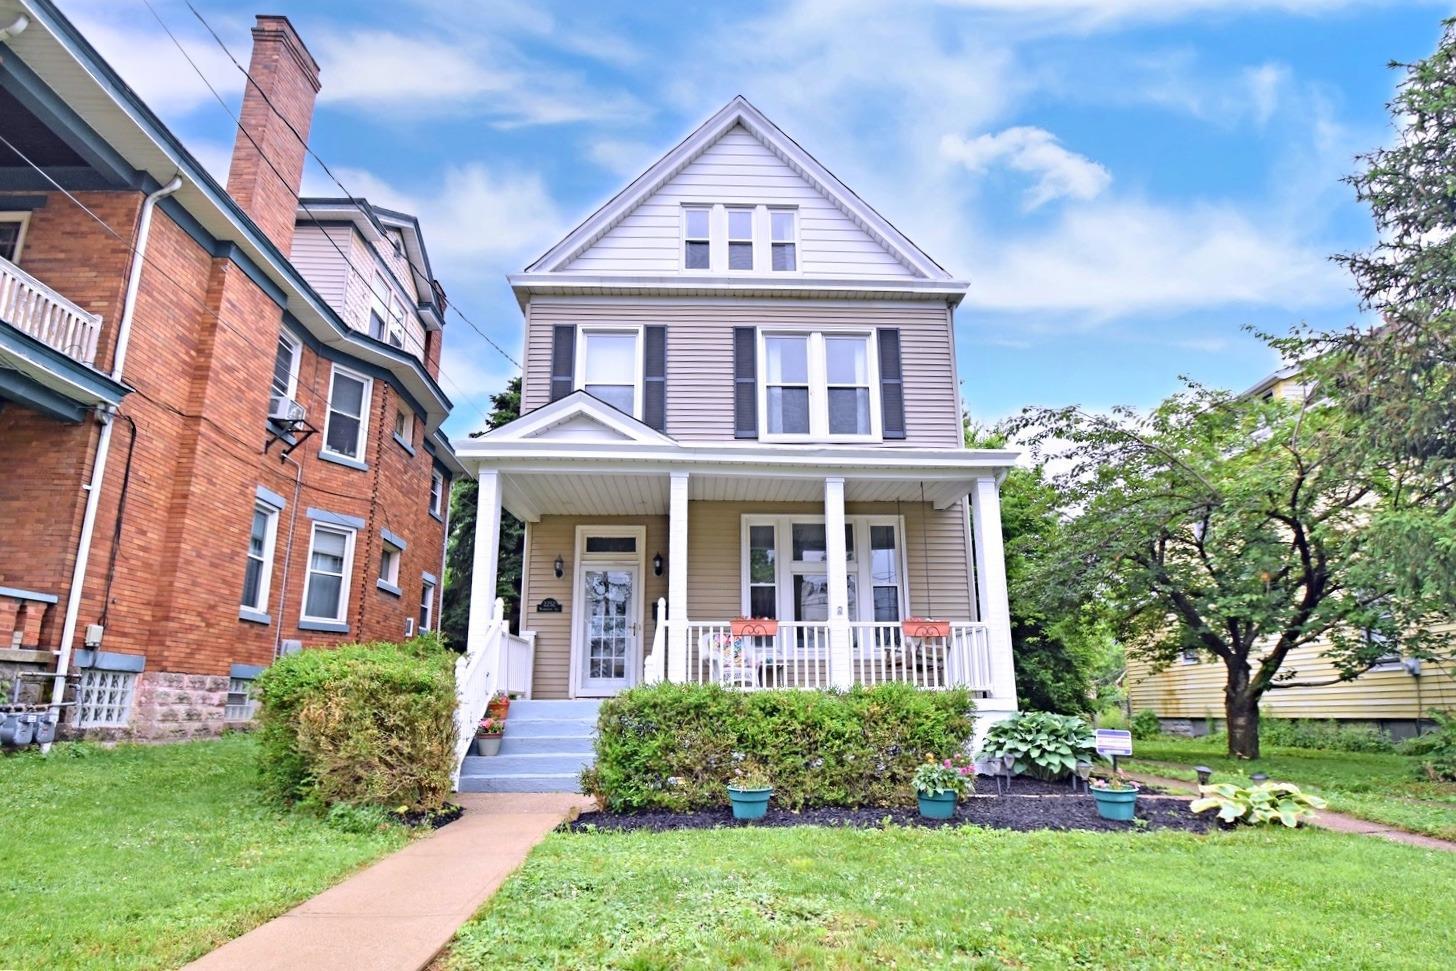 Property for sale at 2252 Washington Avenue, Norwood,  Ohio 45212